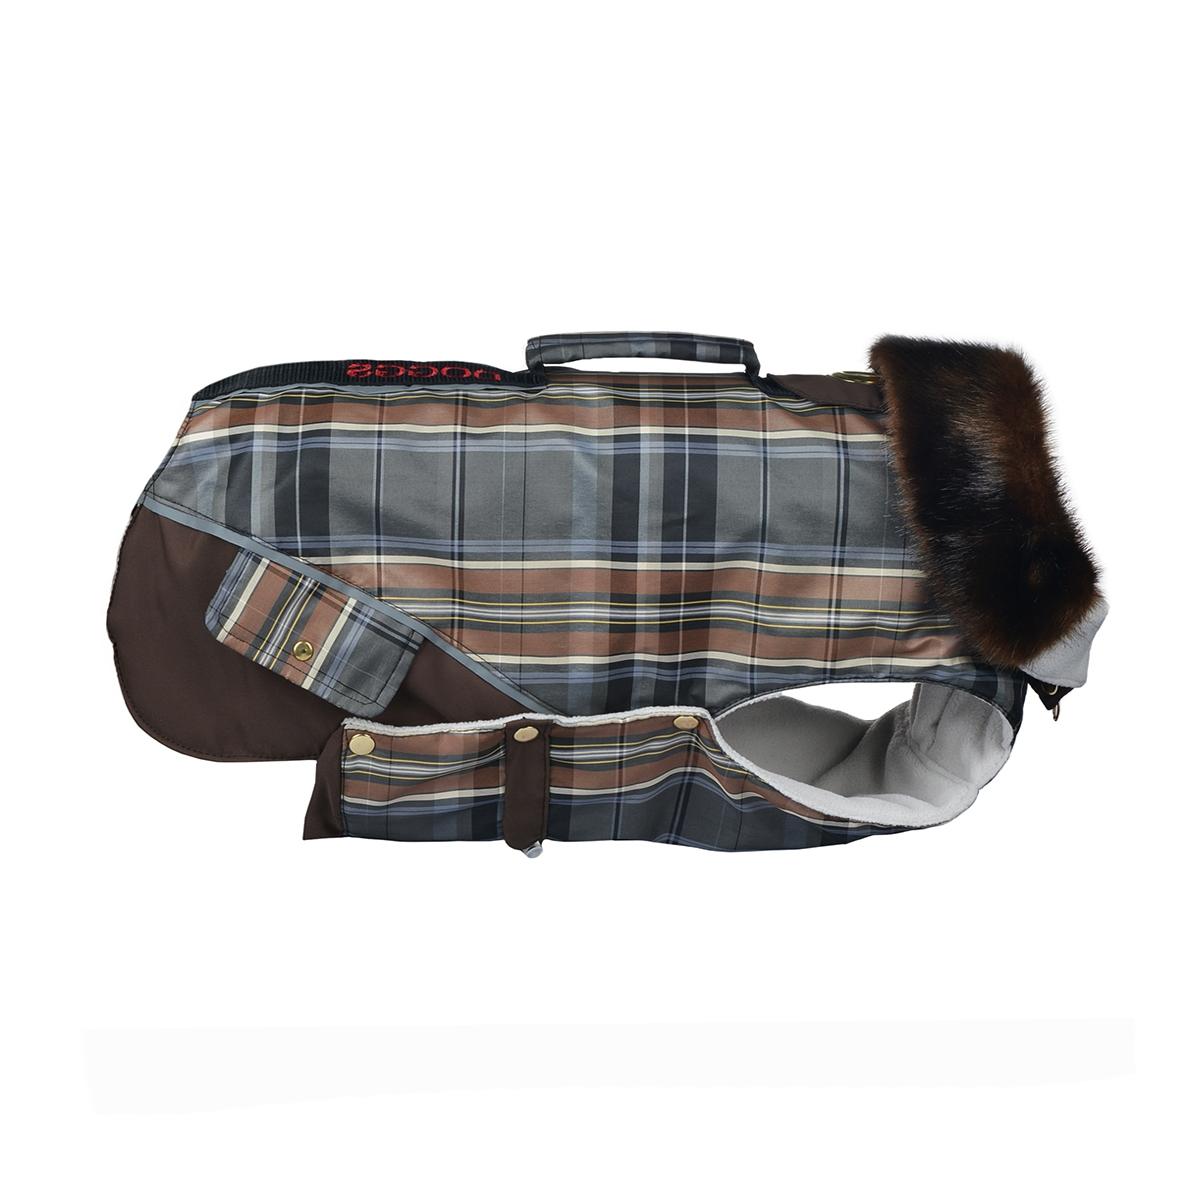 Попона для собак Dogmoda Doggs, для девочки, цвет: коричневый. Размер SDM-140545_коричневаяТеплая попона для собак Dogmoda Doggs отлично подойдет для прогулок в холодное время года. Попона изготовлена из водоотталкивающего полиэстера, защищающего от ветра и осадков. Синтепоновый утеплитель сохранит тепло даже в сильные морозы и обеспечит уют во время зимних прогулок. На подкладке используется флис, который обеспечивает воздухообмен. Попона не имеет рукавов, поэтому не ограничивает свободу движений, и собака будет чувствовать себя в ней комфортно. Стильный меховой воротник-стойка на молнии всегда будет обращать на себя восторженное внимание других владельцев собак. Модель застегивается на кнопки. На животе попона затягивается на шнурок-кулиску с зажимом. Спинка декорирована вышитой надписью Doggs, оснащена светоотражающими элементами и ручкой. Модель снабжена непромокаемым карманом для размещения записки с информацией о вашем питомце, на случай если он потеряется. Благодаря такой попоне питомцу будет тепло и комфортно.